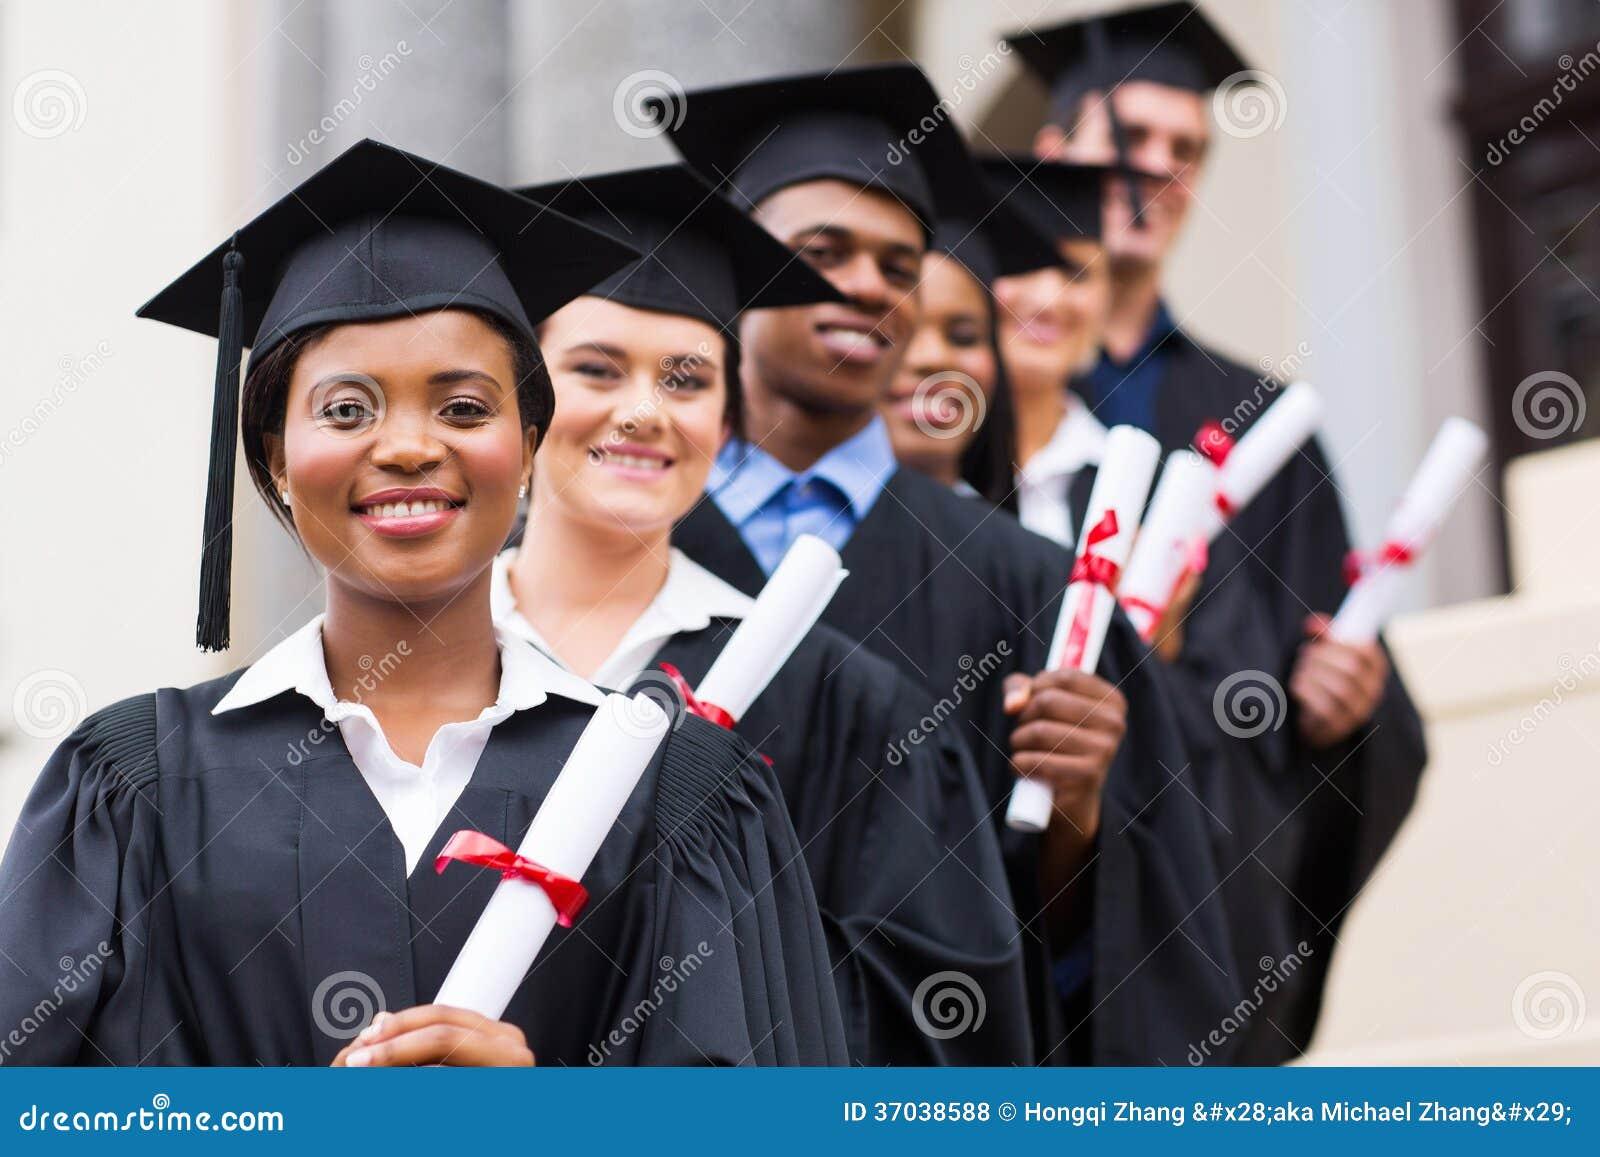 A universidade gradua a graduação